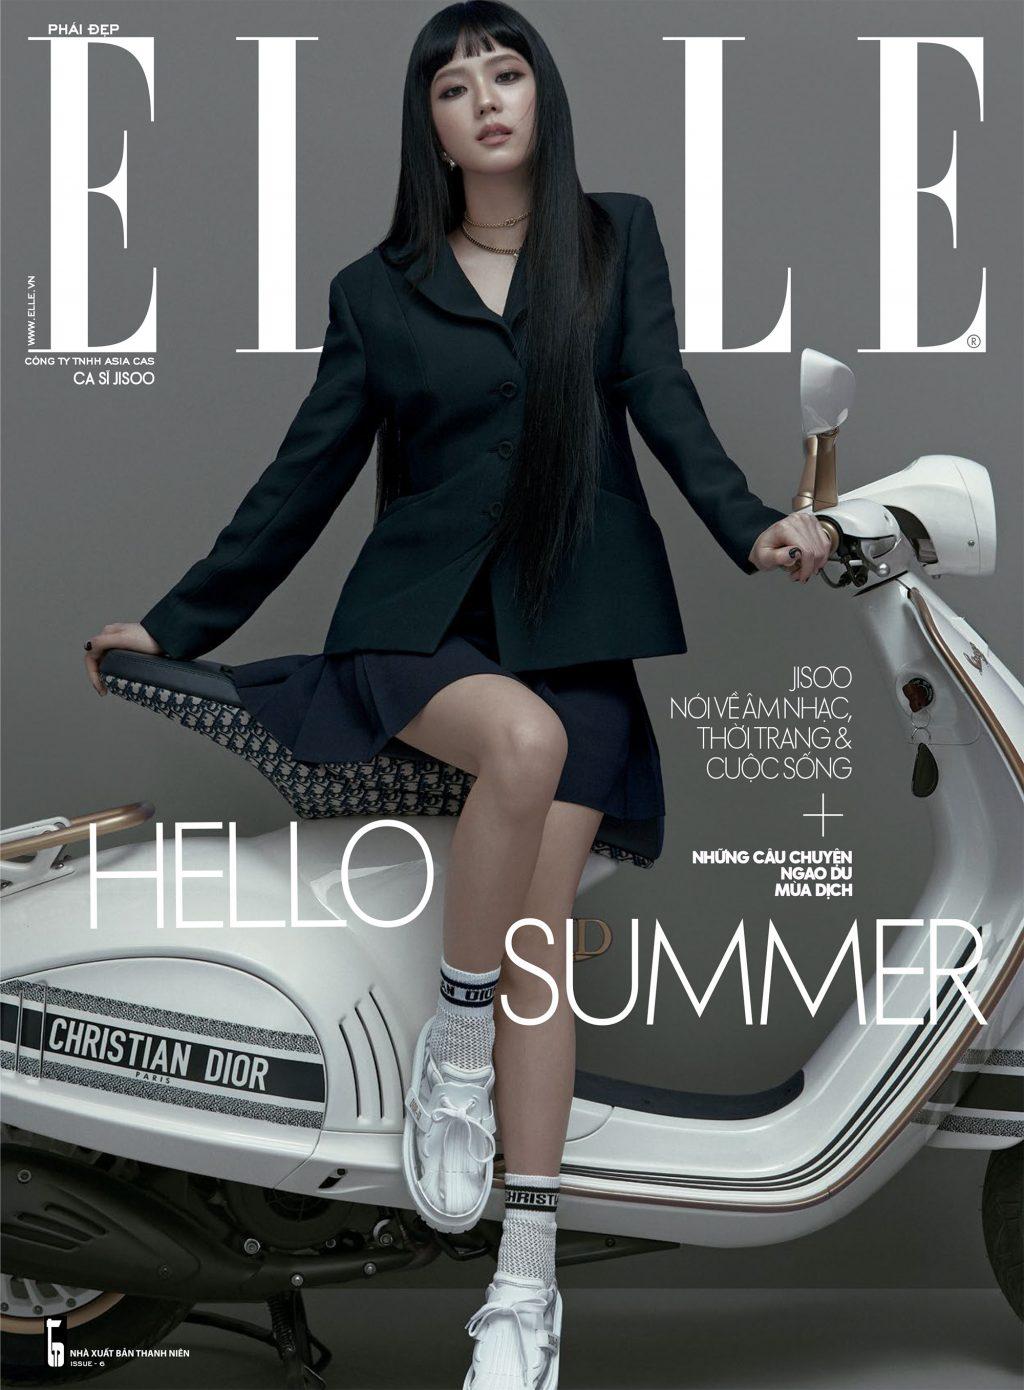 Tạp chí Phái đẹp gương mặt trang bìa